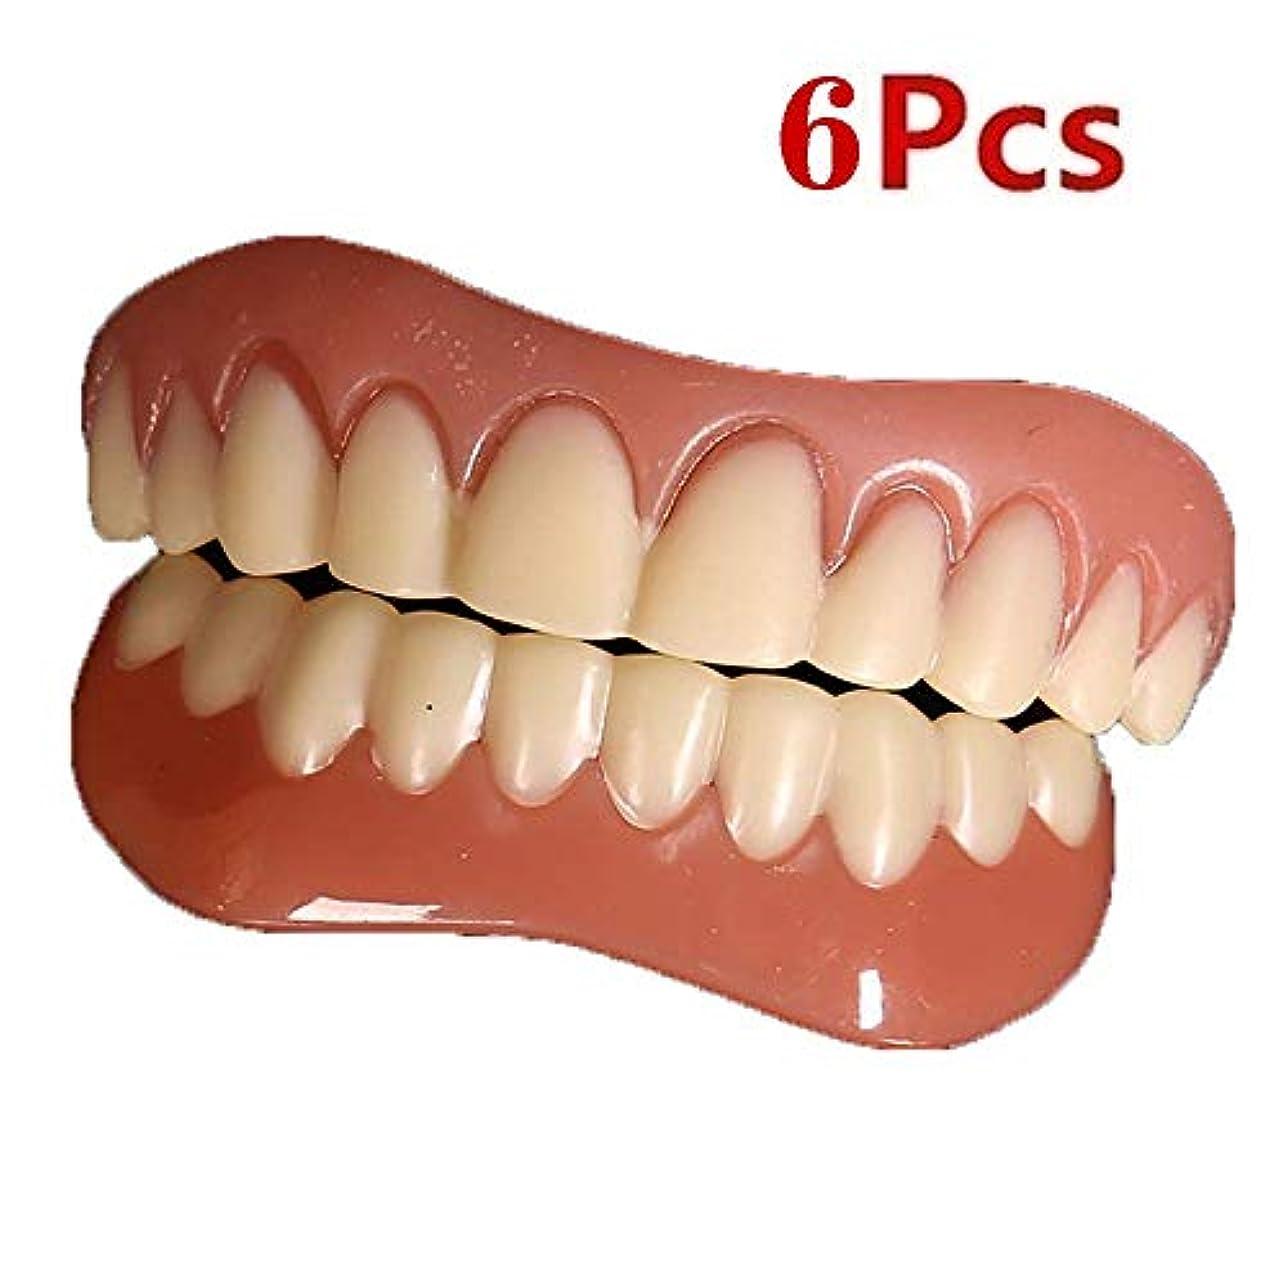 実行可能昼食指標6個のインスタントスマイルの歯アッパーロアーベニアの快適さフィットの歯のベニヤ、ワンサイズは数分以内に自宅であなたの笑顔を直す